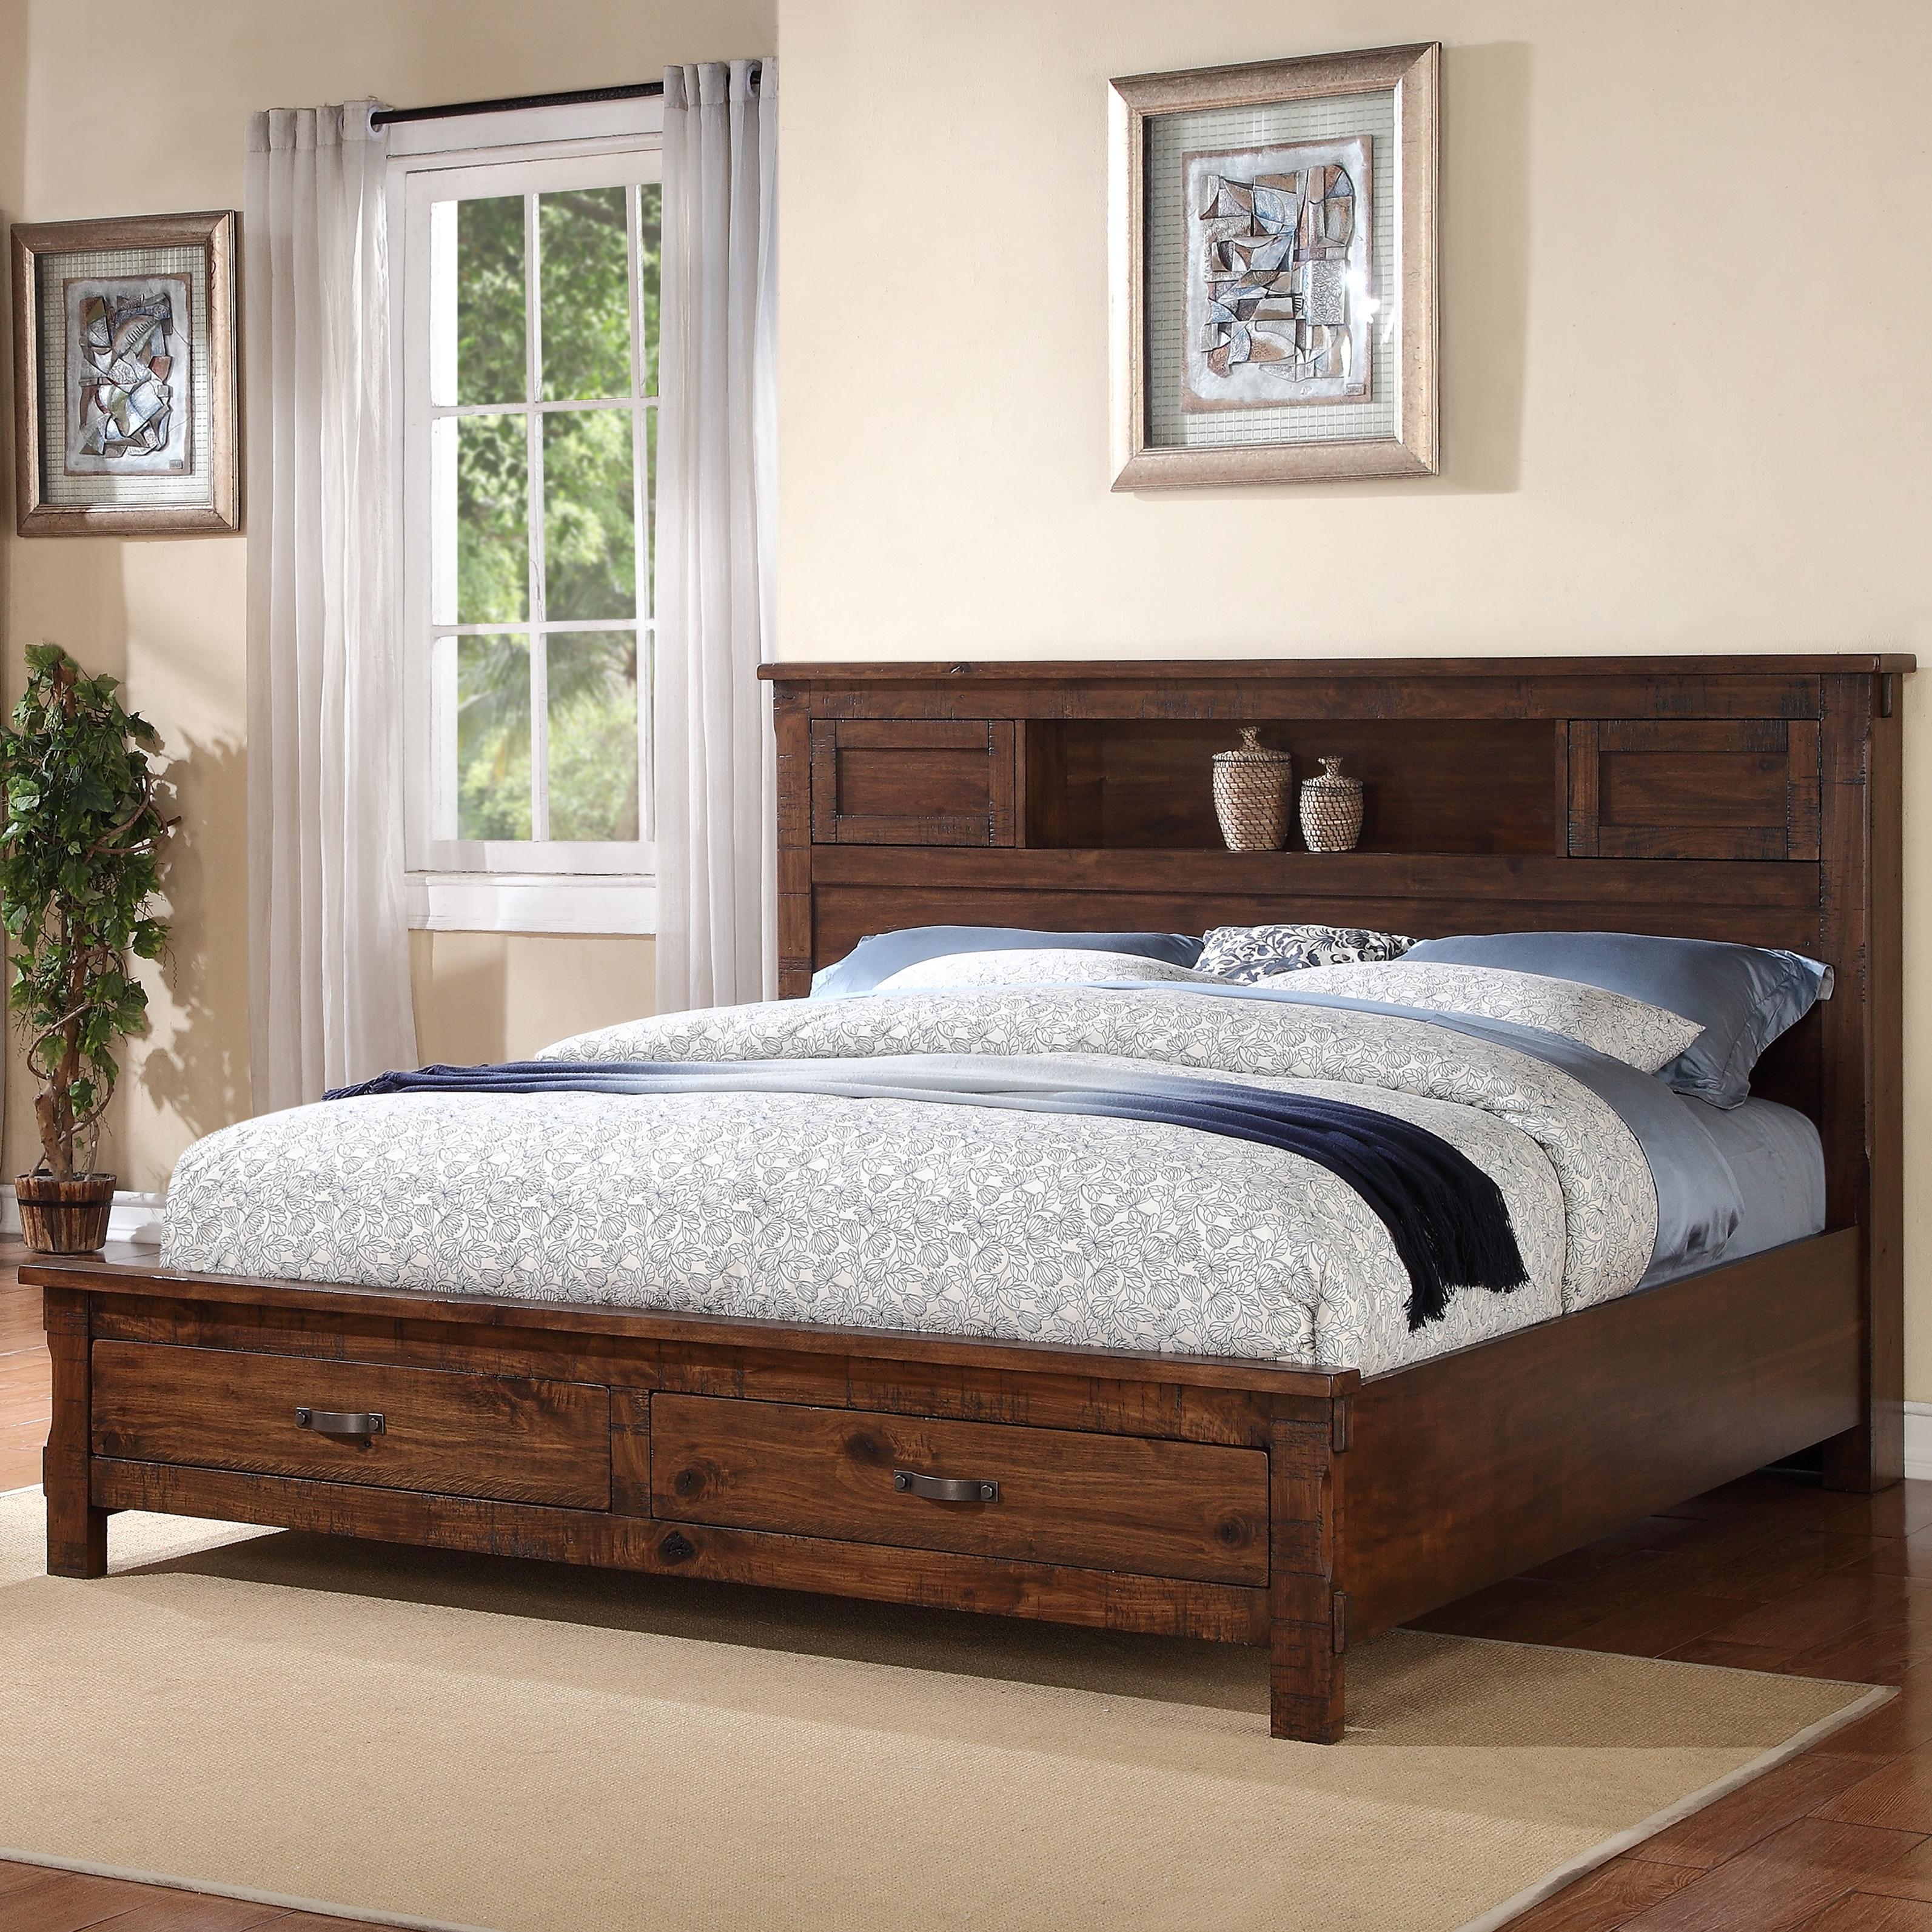 Legends Furniture Restoration California King Storage Bed - Item Number: ZRST-7004+09+12